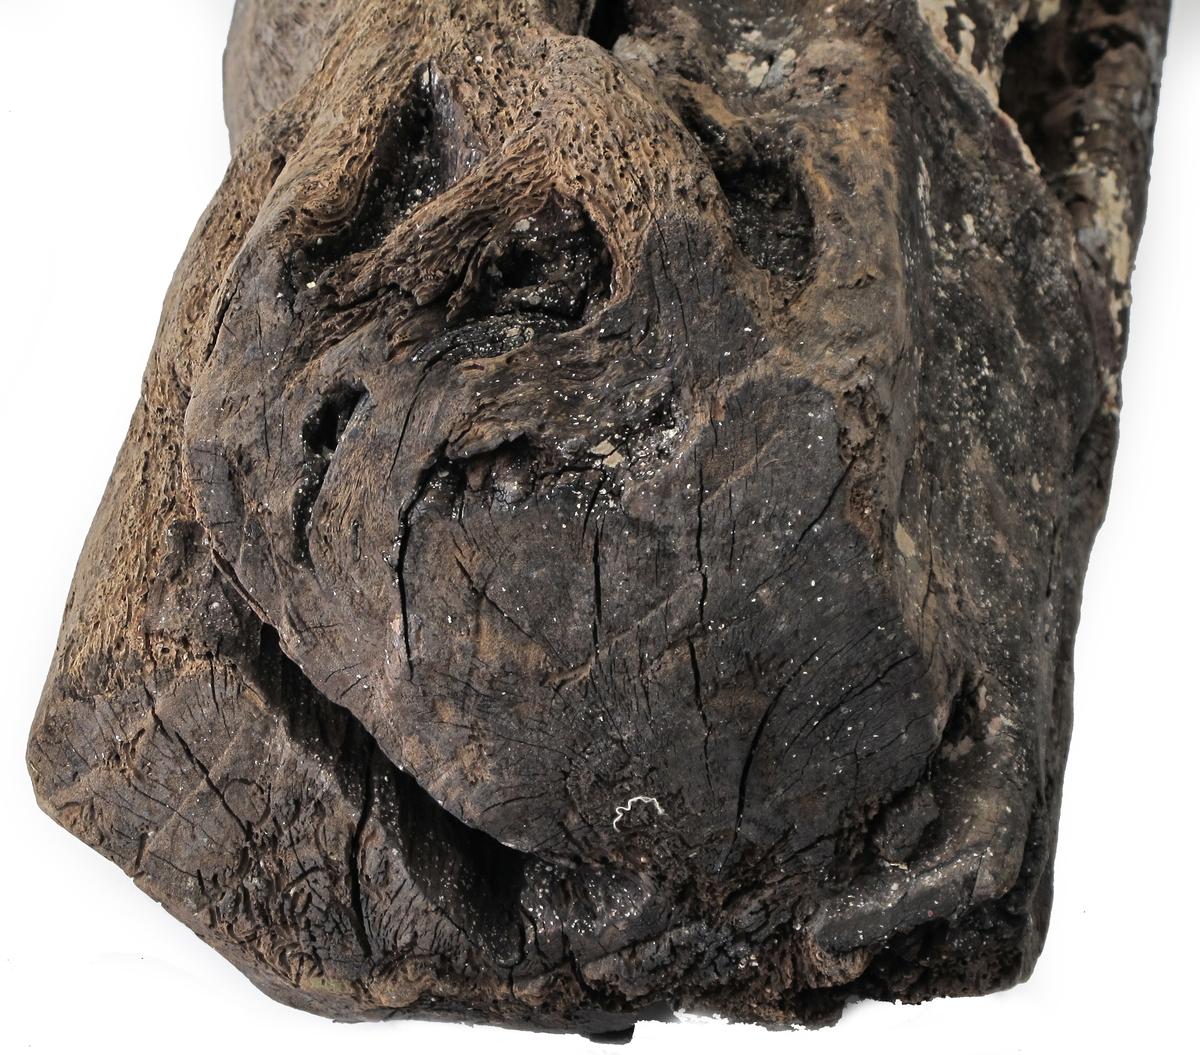 Fargetre, campuchetre, logwood.  f) Kubbe av fargetre, fin glatt overflate på en side, oppspist av pælemark på motsatt side. Fin snittflate i en ende. En utstående kvist.